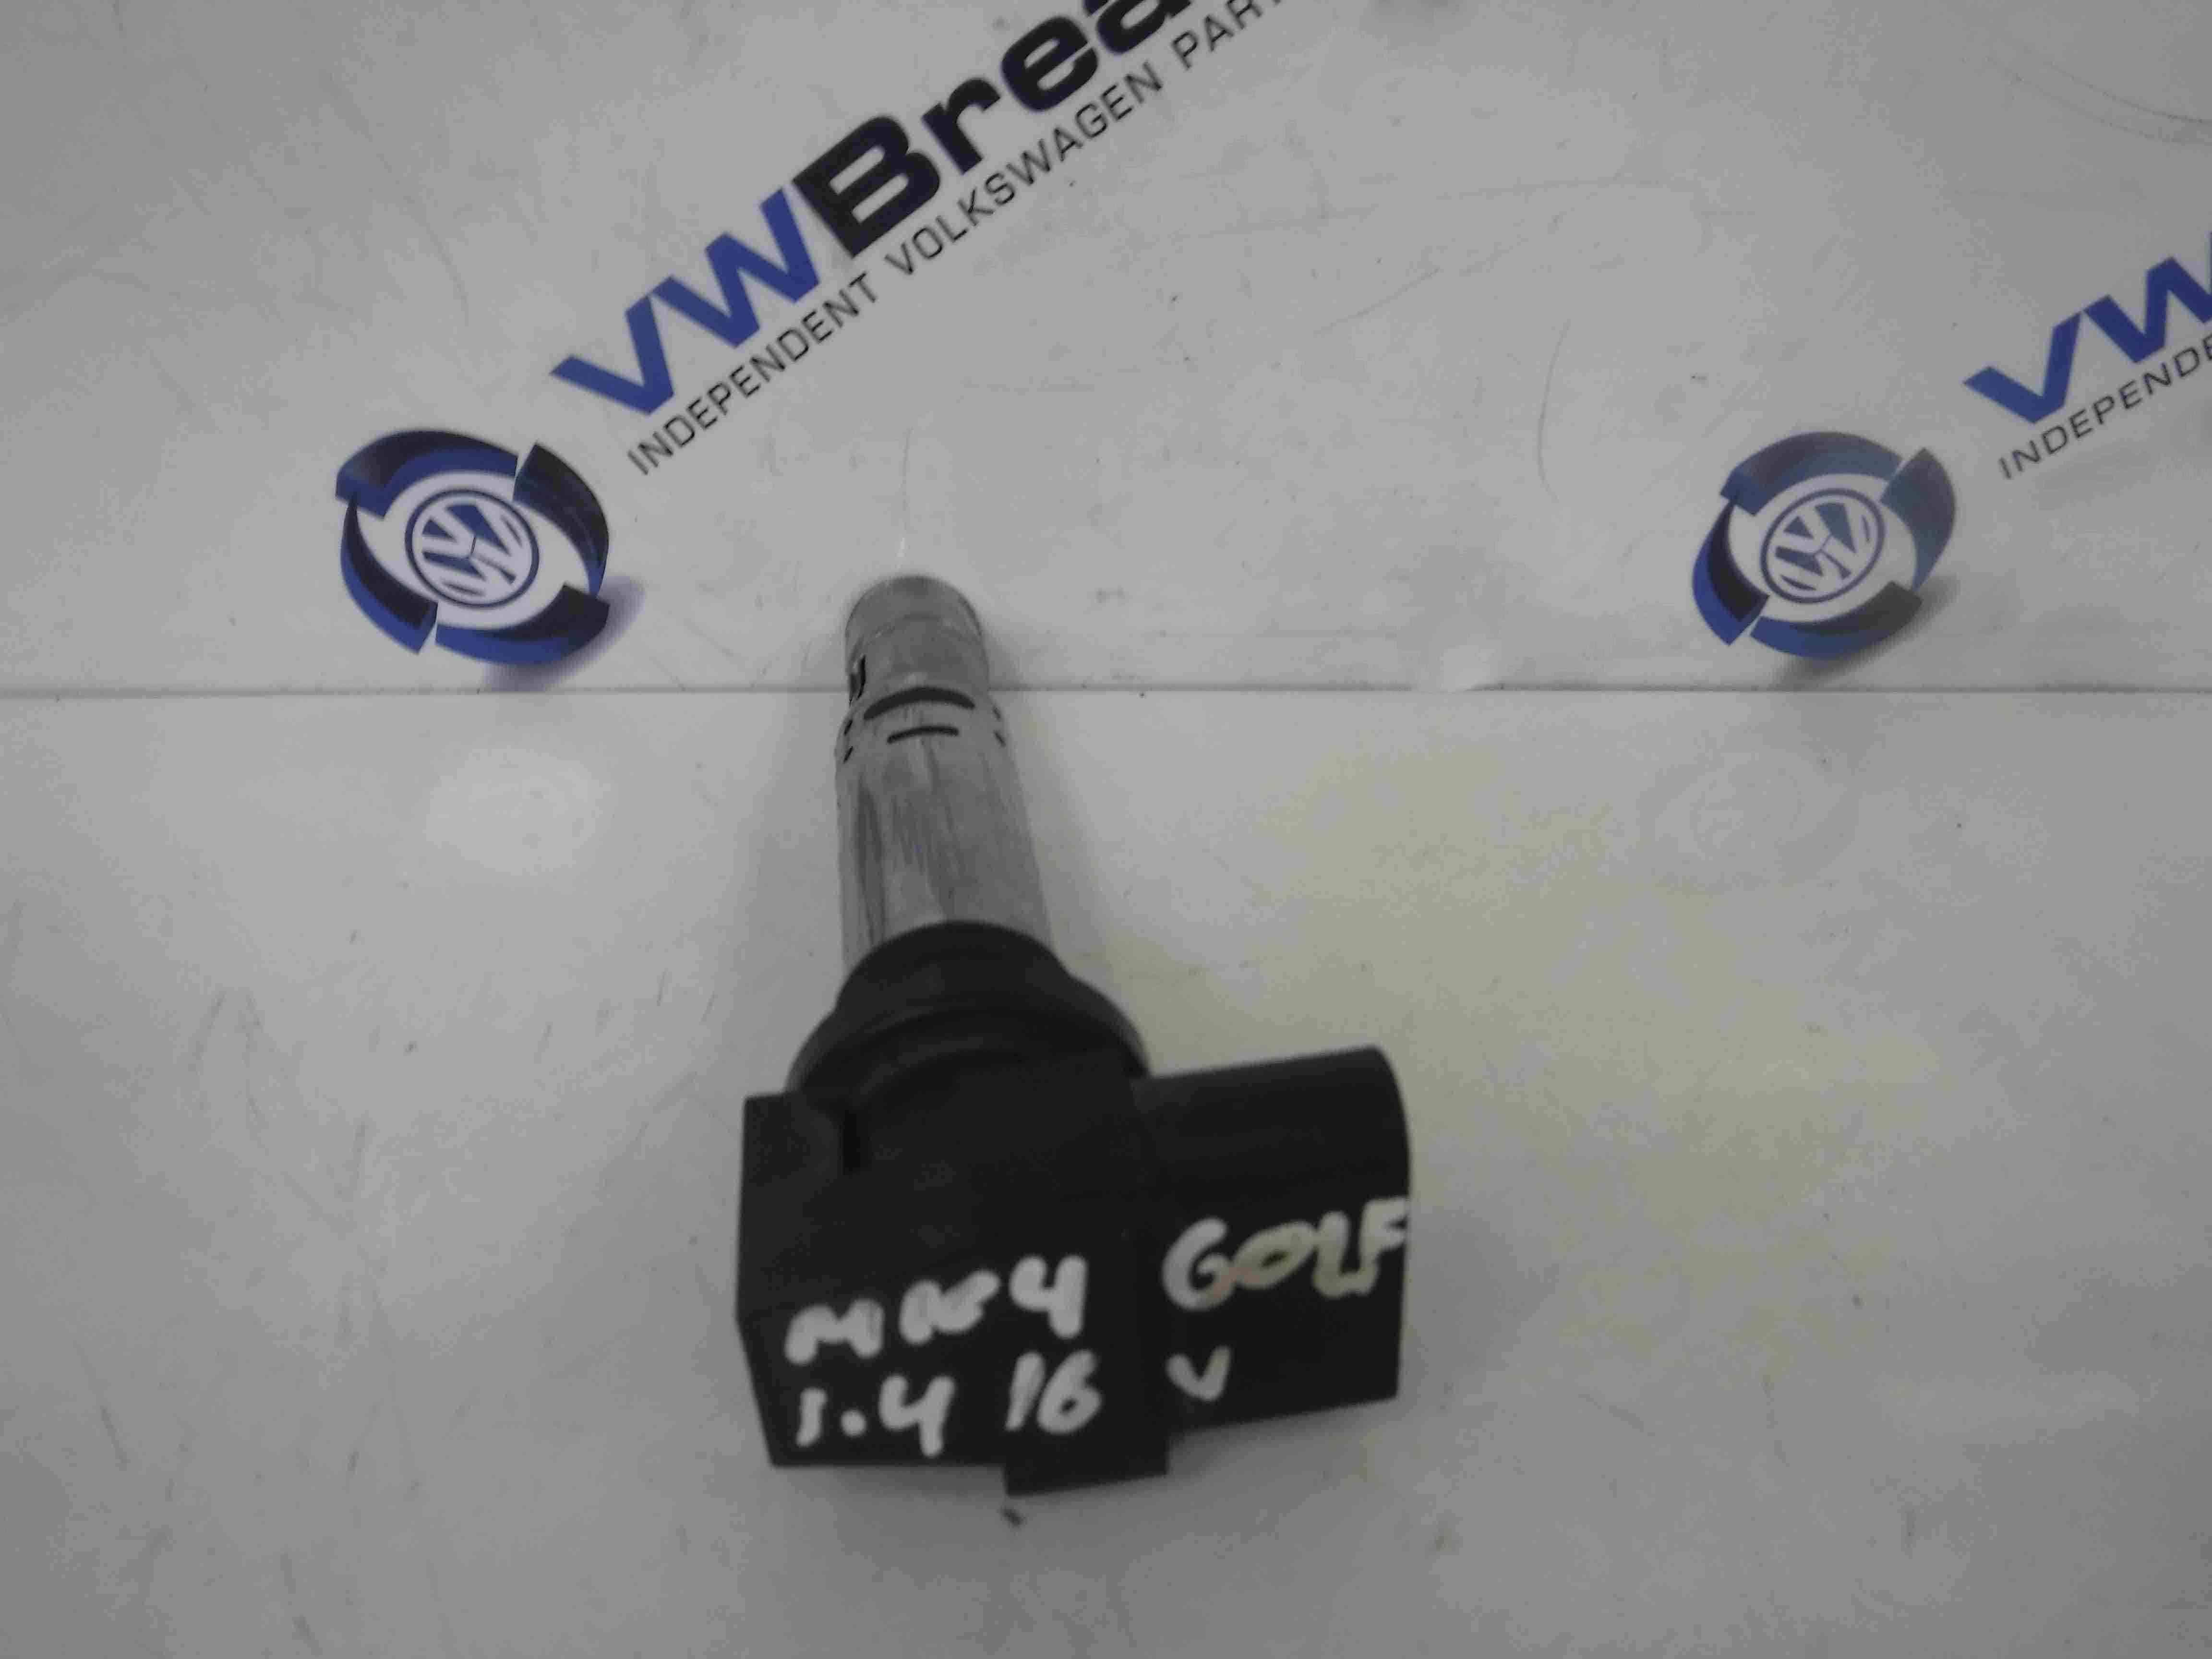 Volkswagen Golf MK4 1997-2004 1.6 1.4 16v Ignition Coil Pack Pencil X1